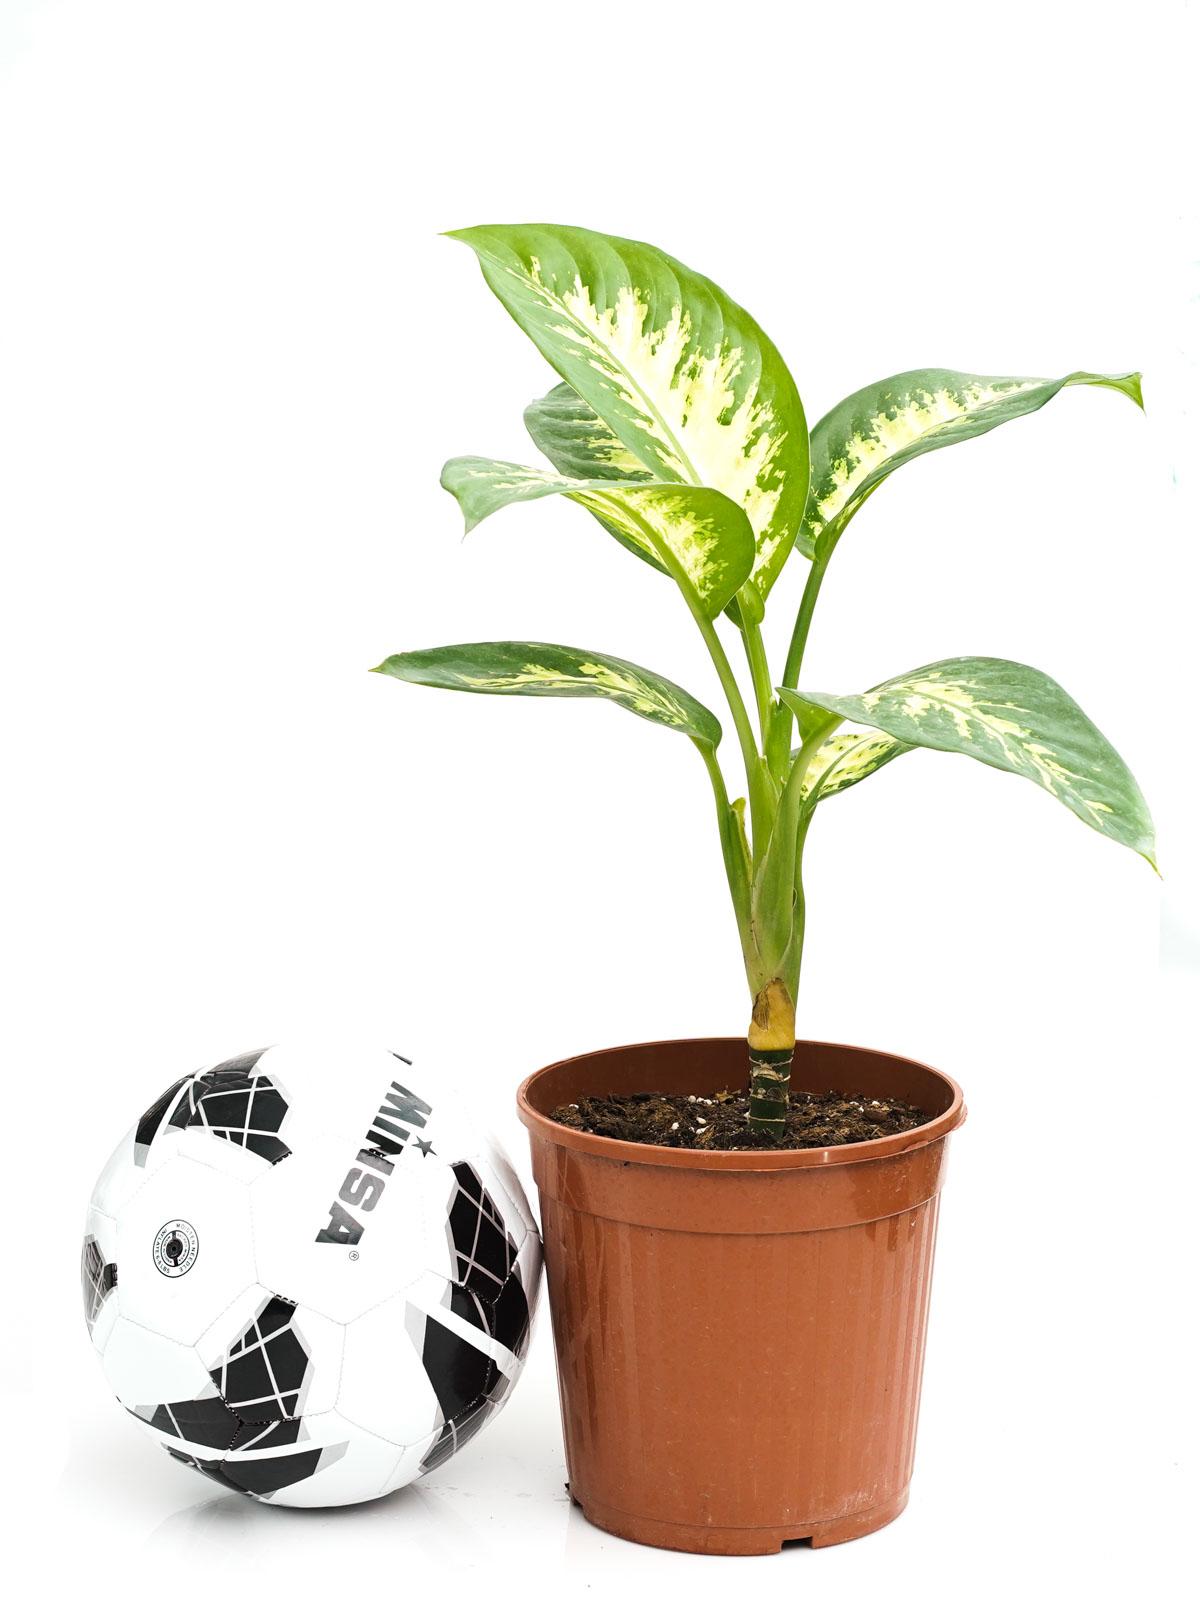 نبات الدفنبخيا تروبيك سنو Online